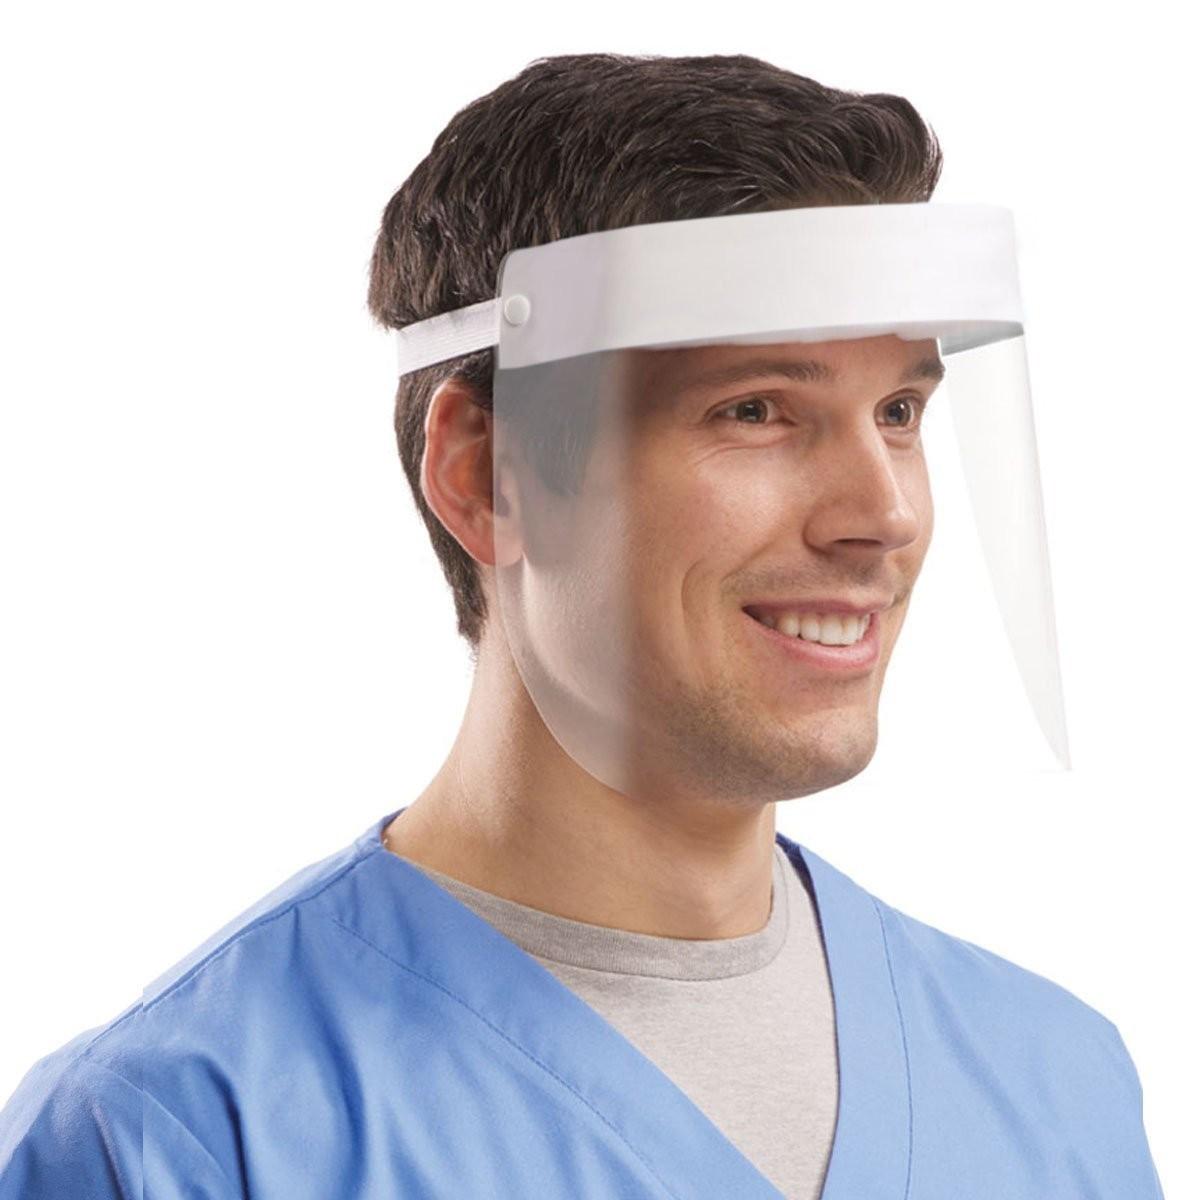 Basic Face Shield